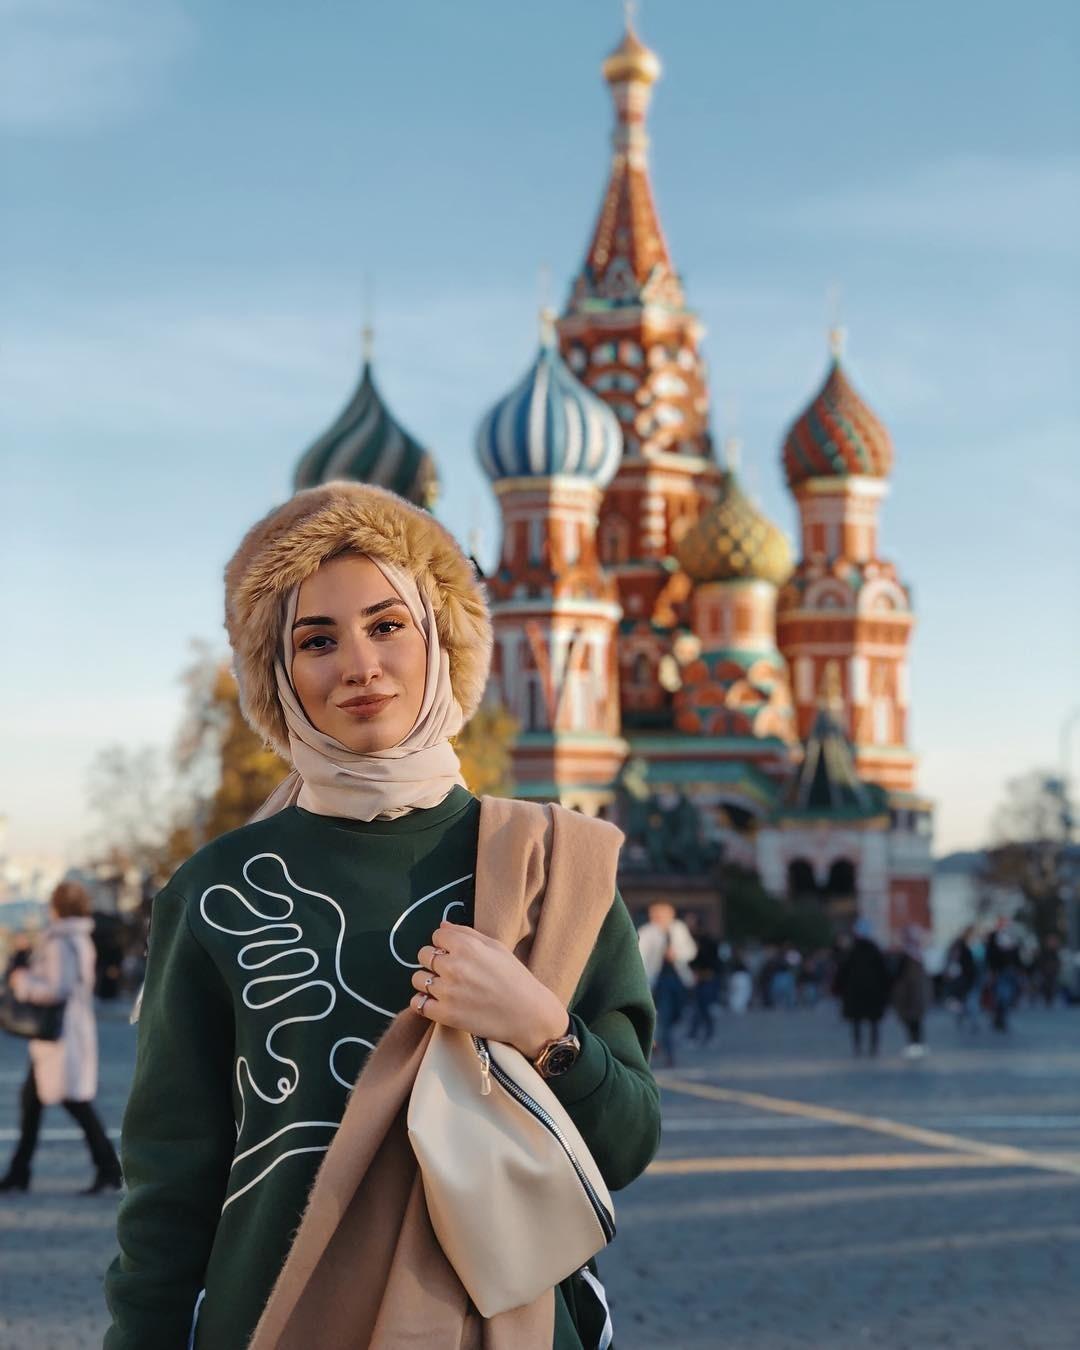 Роль мусульманской женщины в современном мире переосмысляется, а вместе с этим меняются восточные fashion-традиции. На обложках глянцевых журналов и на модных показах все чаще появляются...